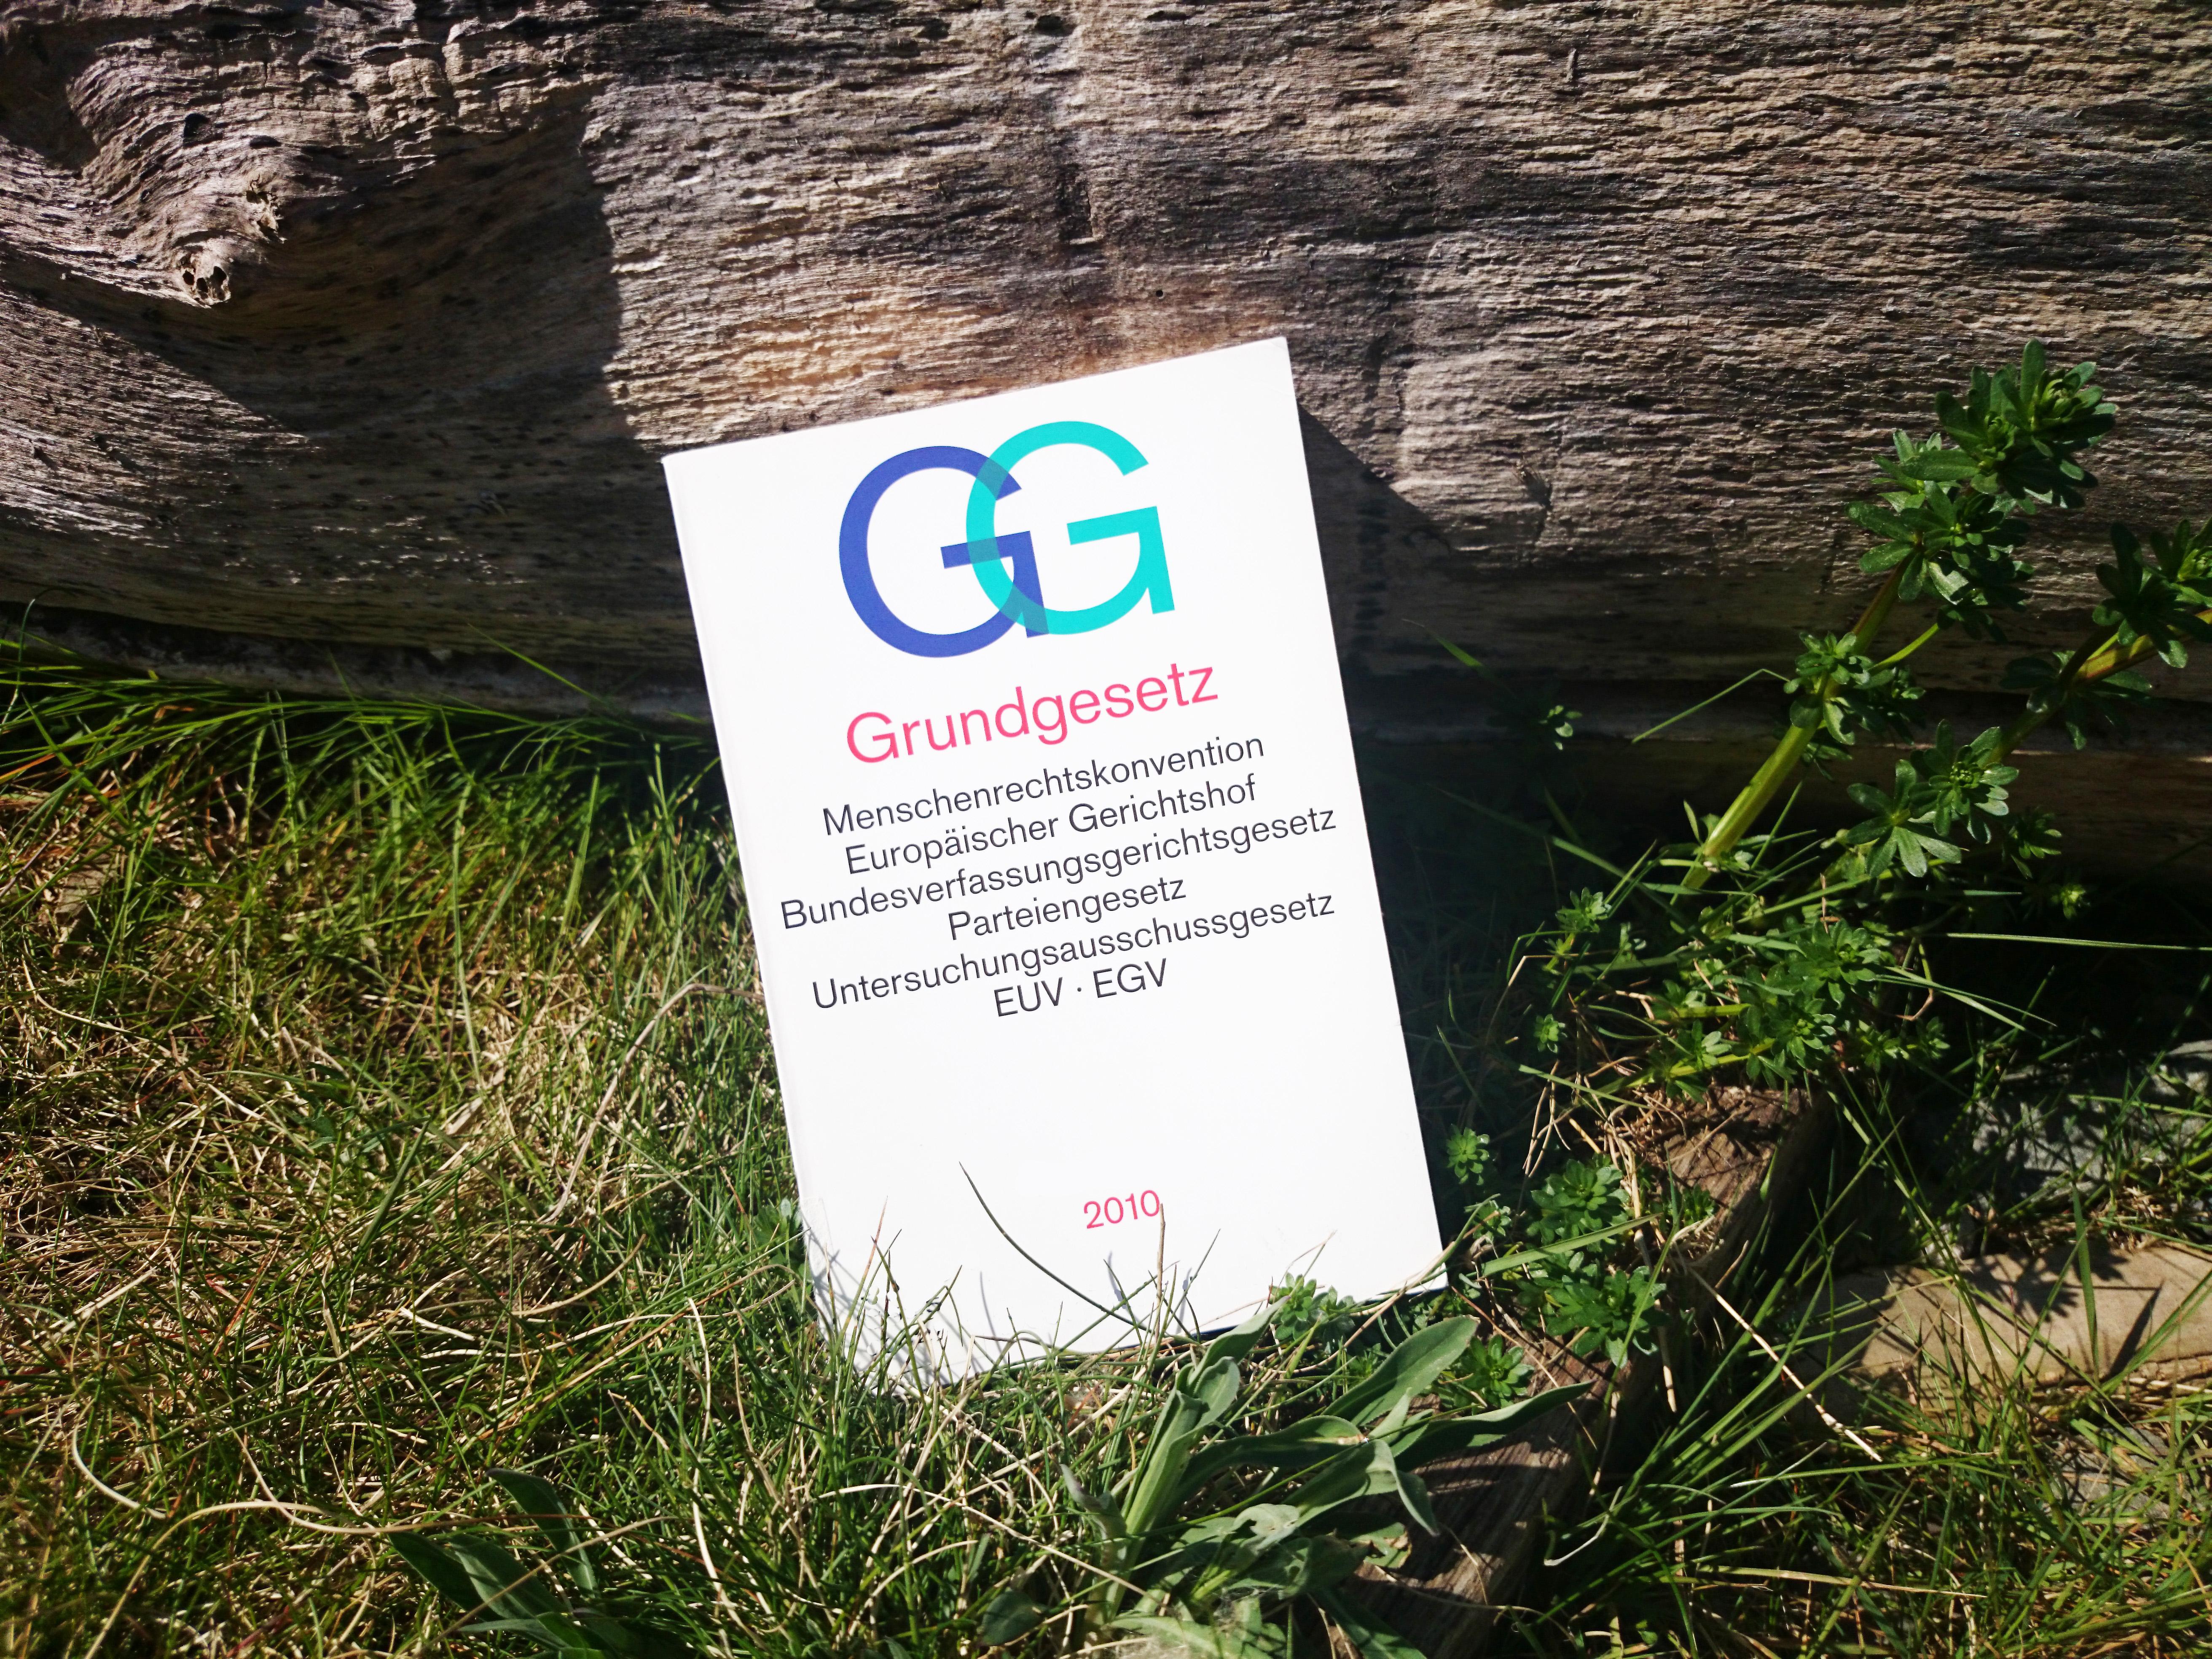 Das Grundgesetzbuch im Gras